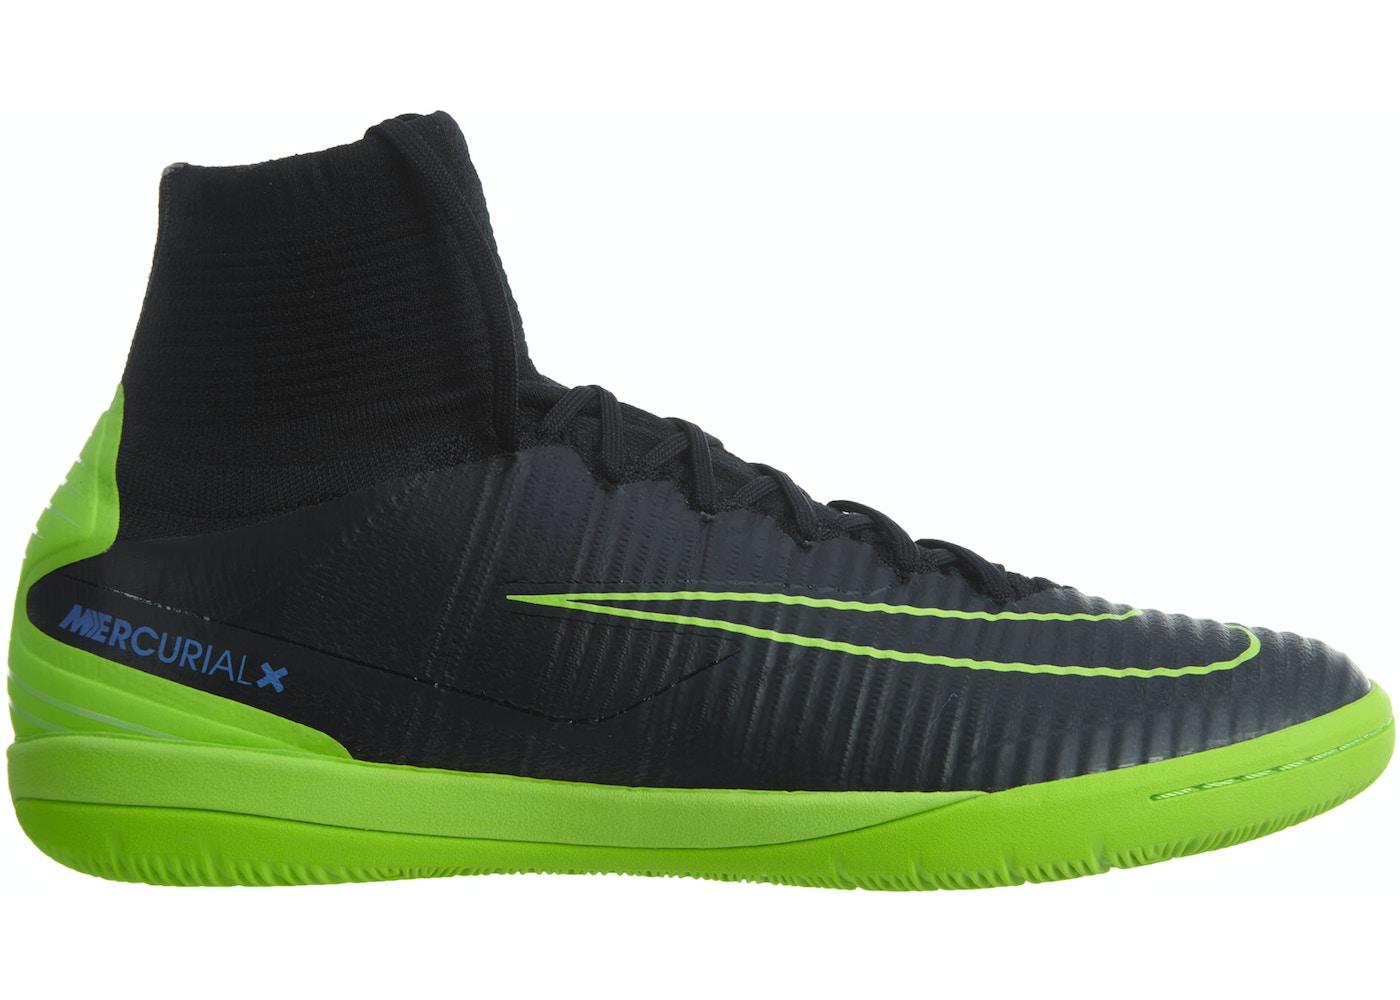 Nike MercurialX Proximo II Nike Mercurialx Proximo II Ic Black Electric Green - 831976-034